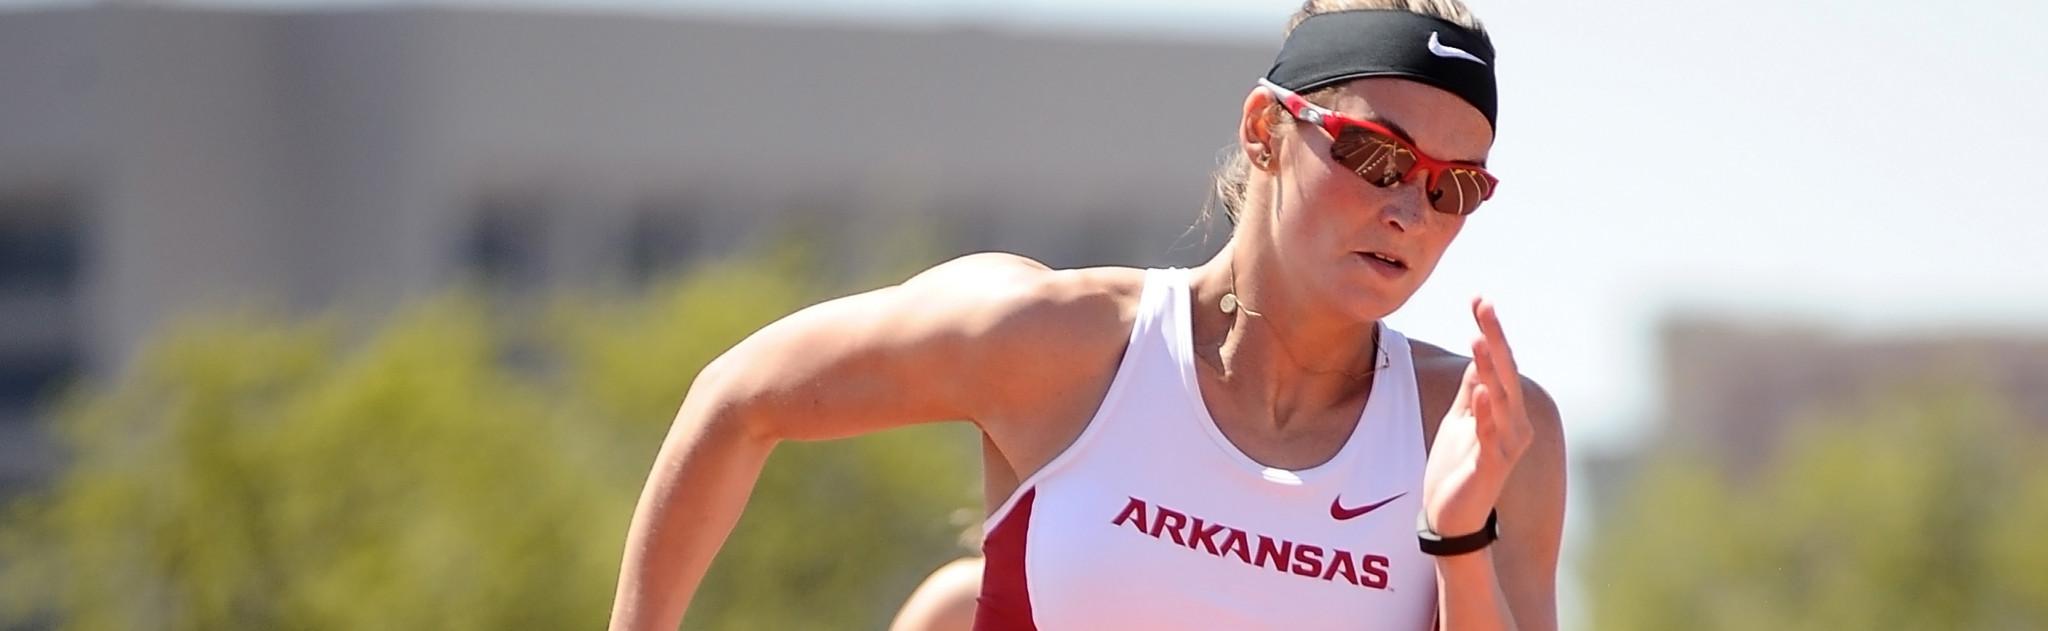 Alexandria Gochenour has received a four-year anti-doping suspension ©Arkansas Razorbacks